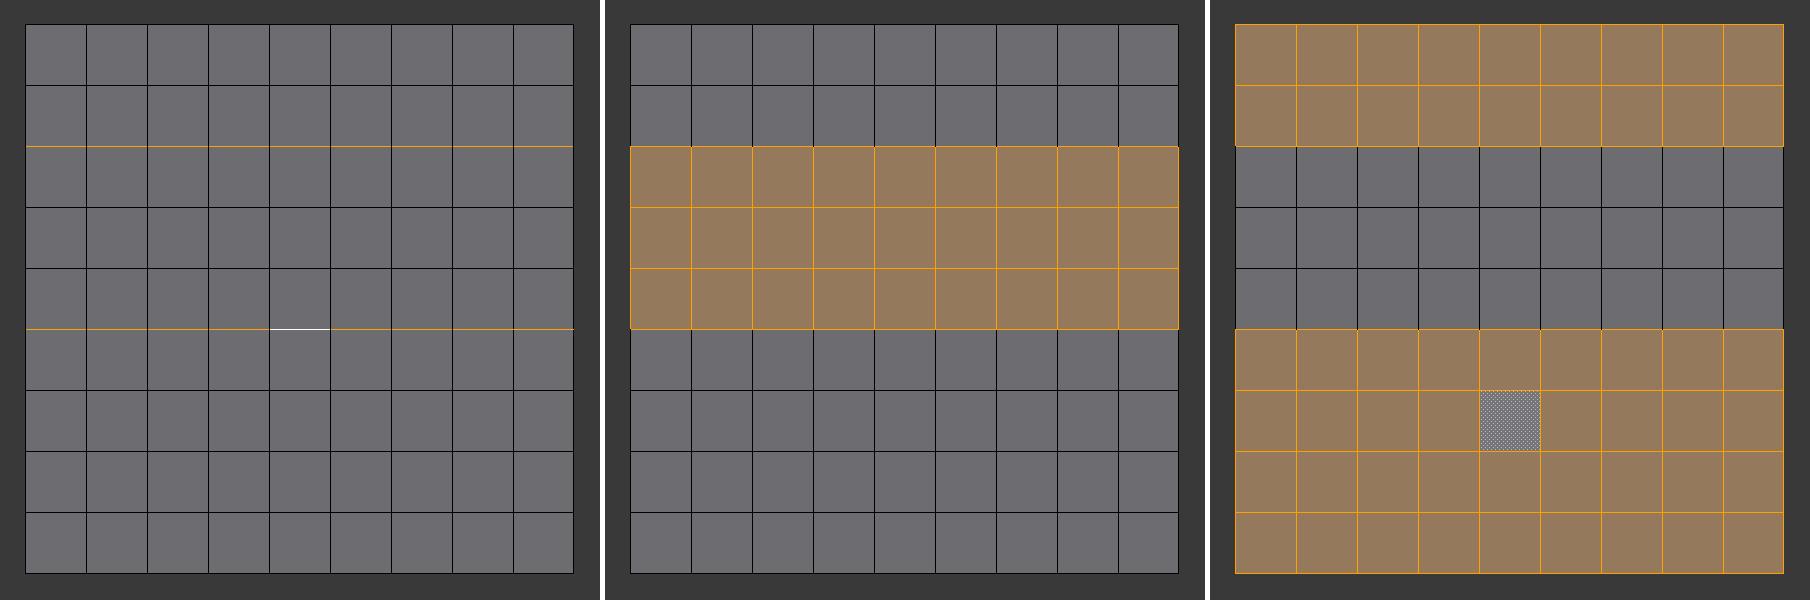 select-loop-innerregion